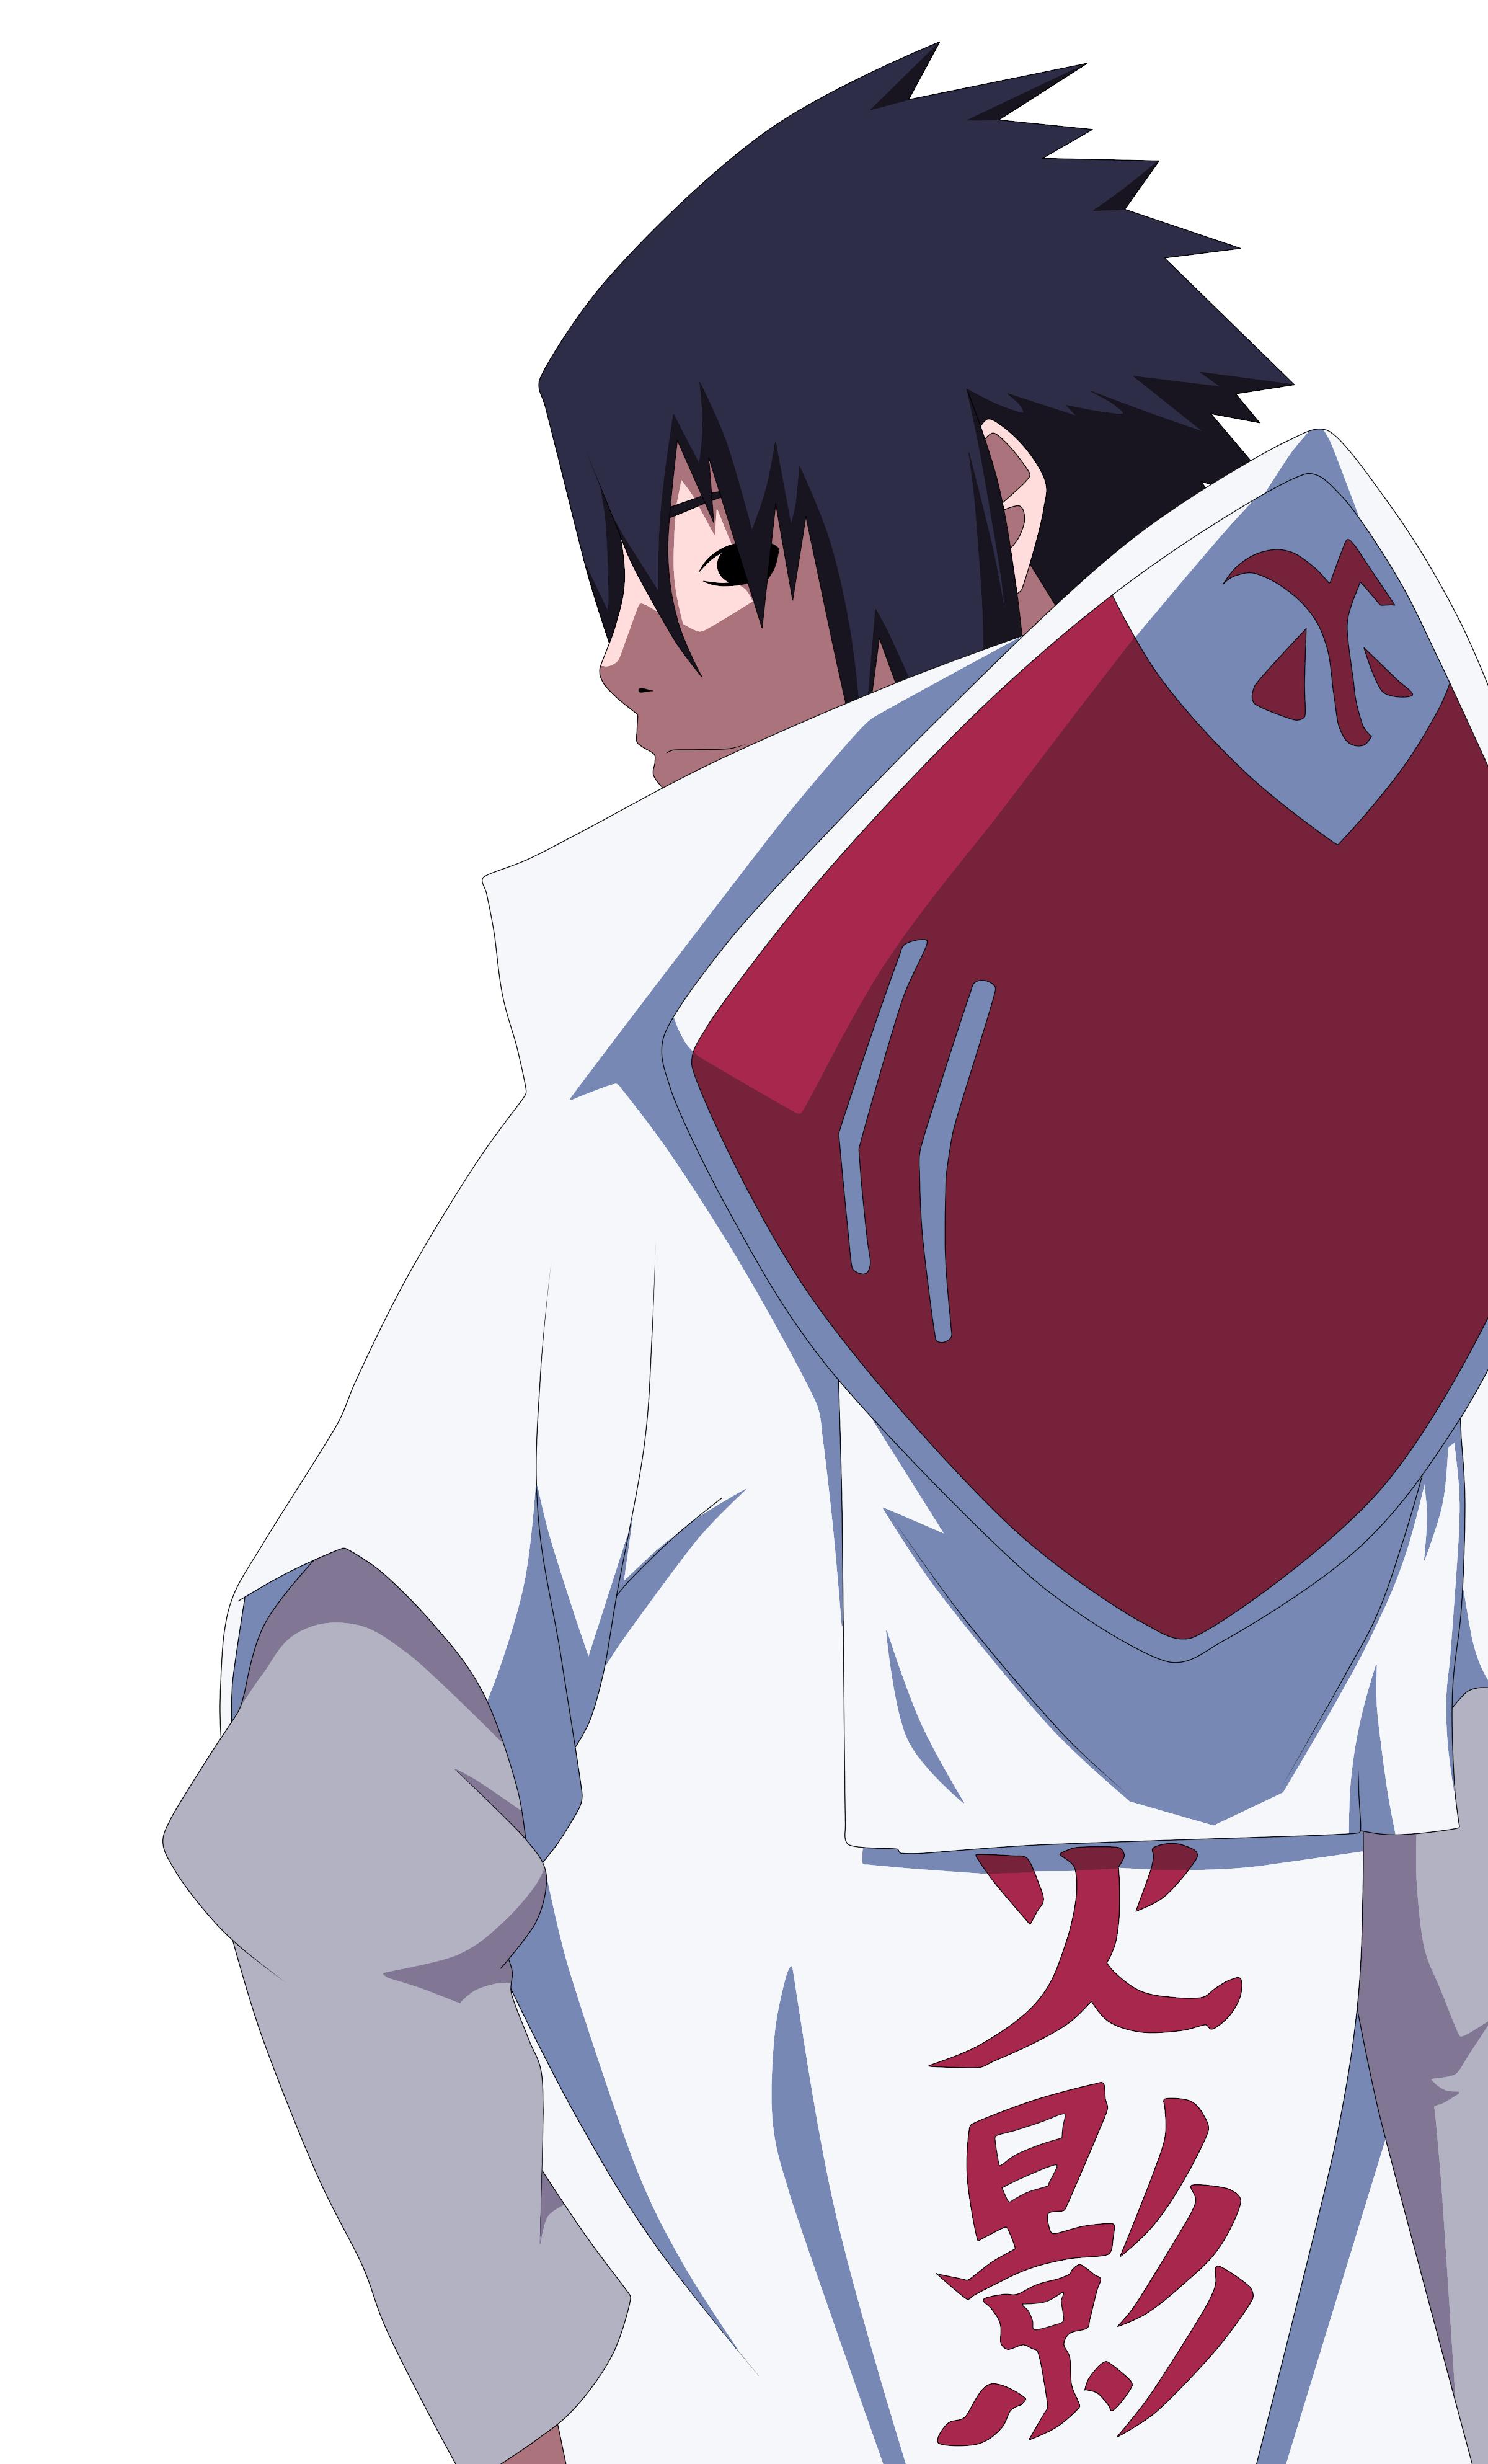 Sasuke Hokage by Annexia-Sama on DeviantArt